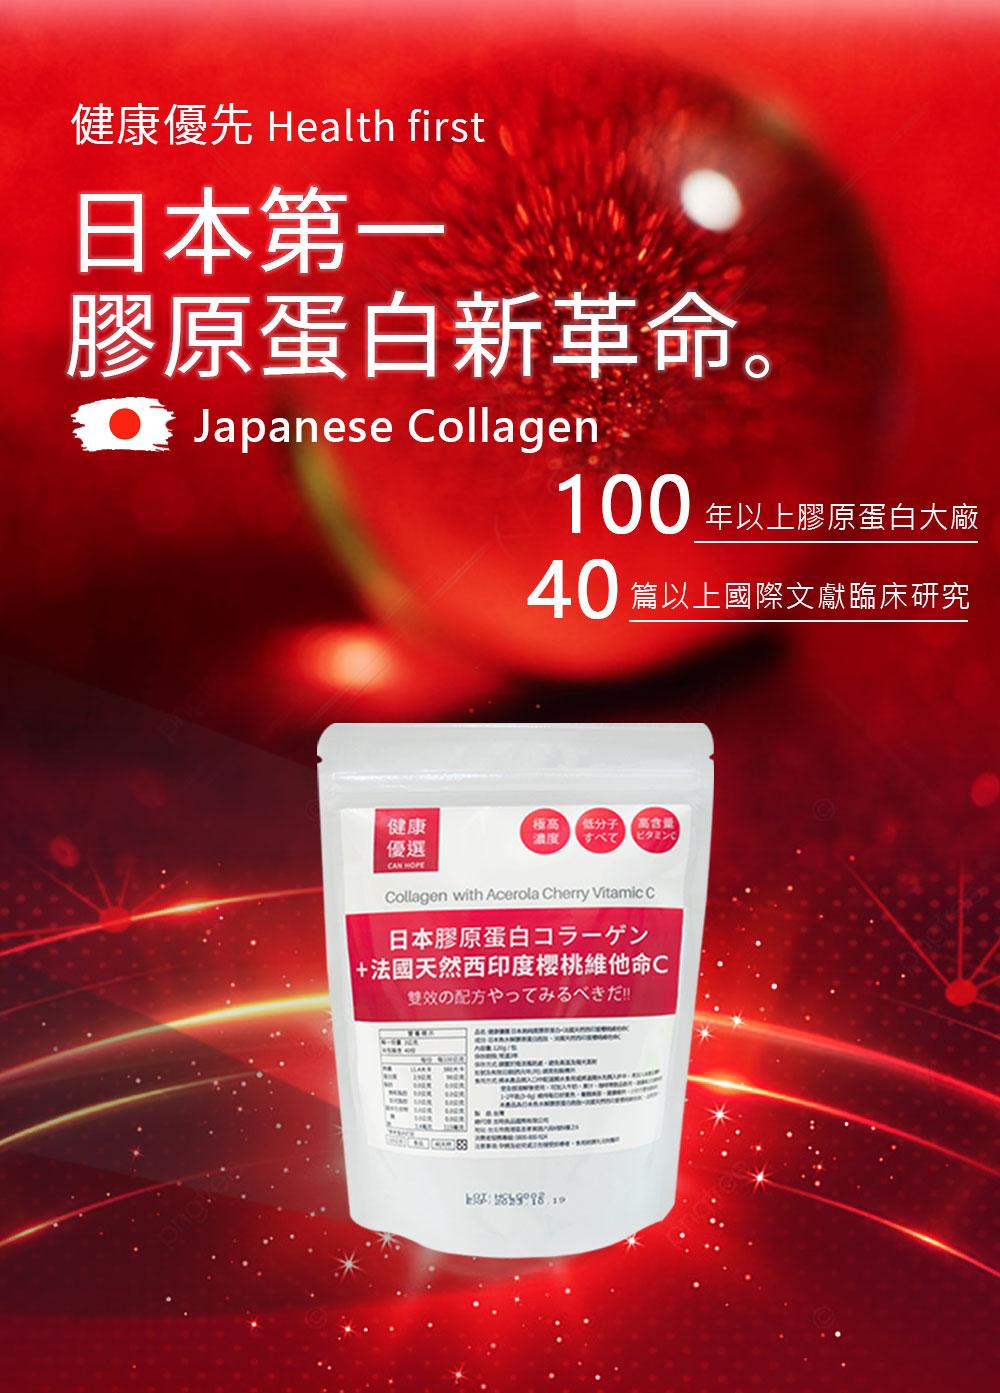 日本膠原蛋白+西印度櫻桃C-膠原蛋白新革命